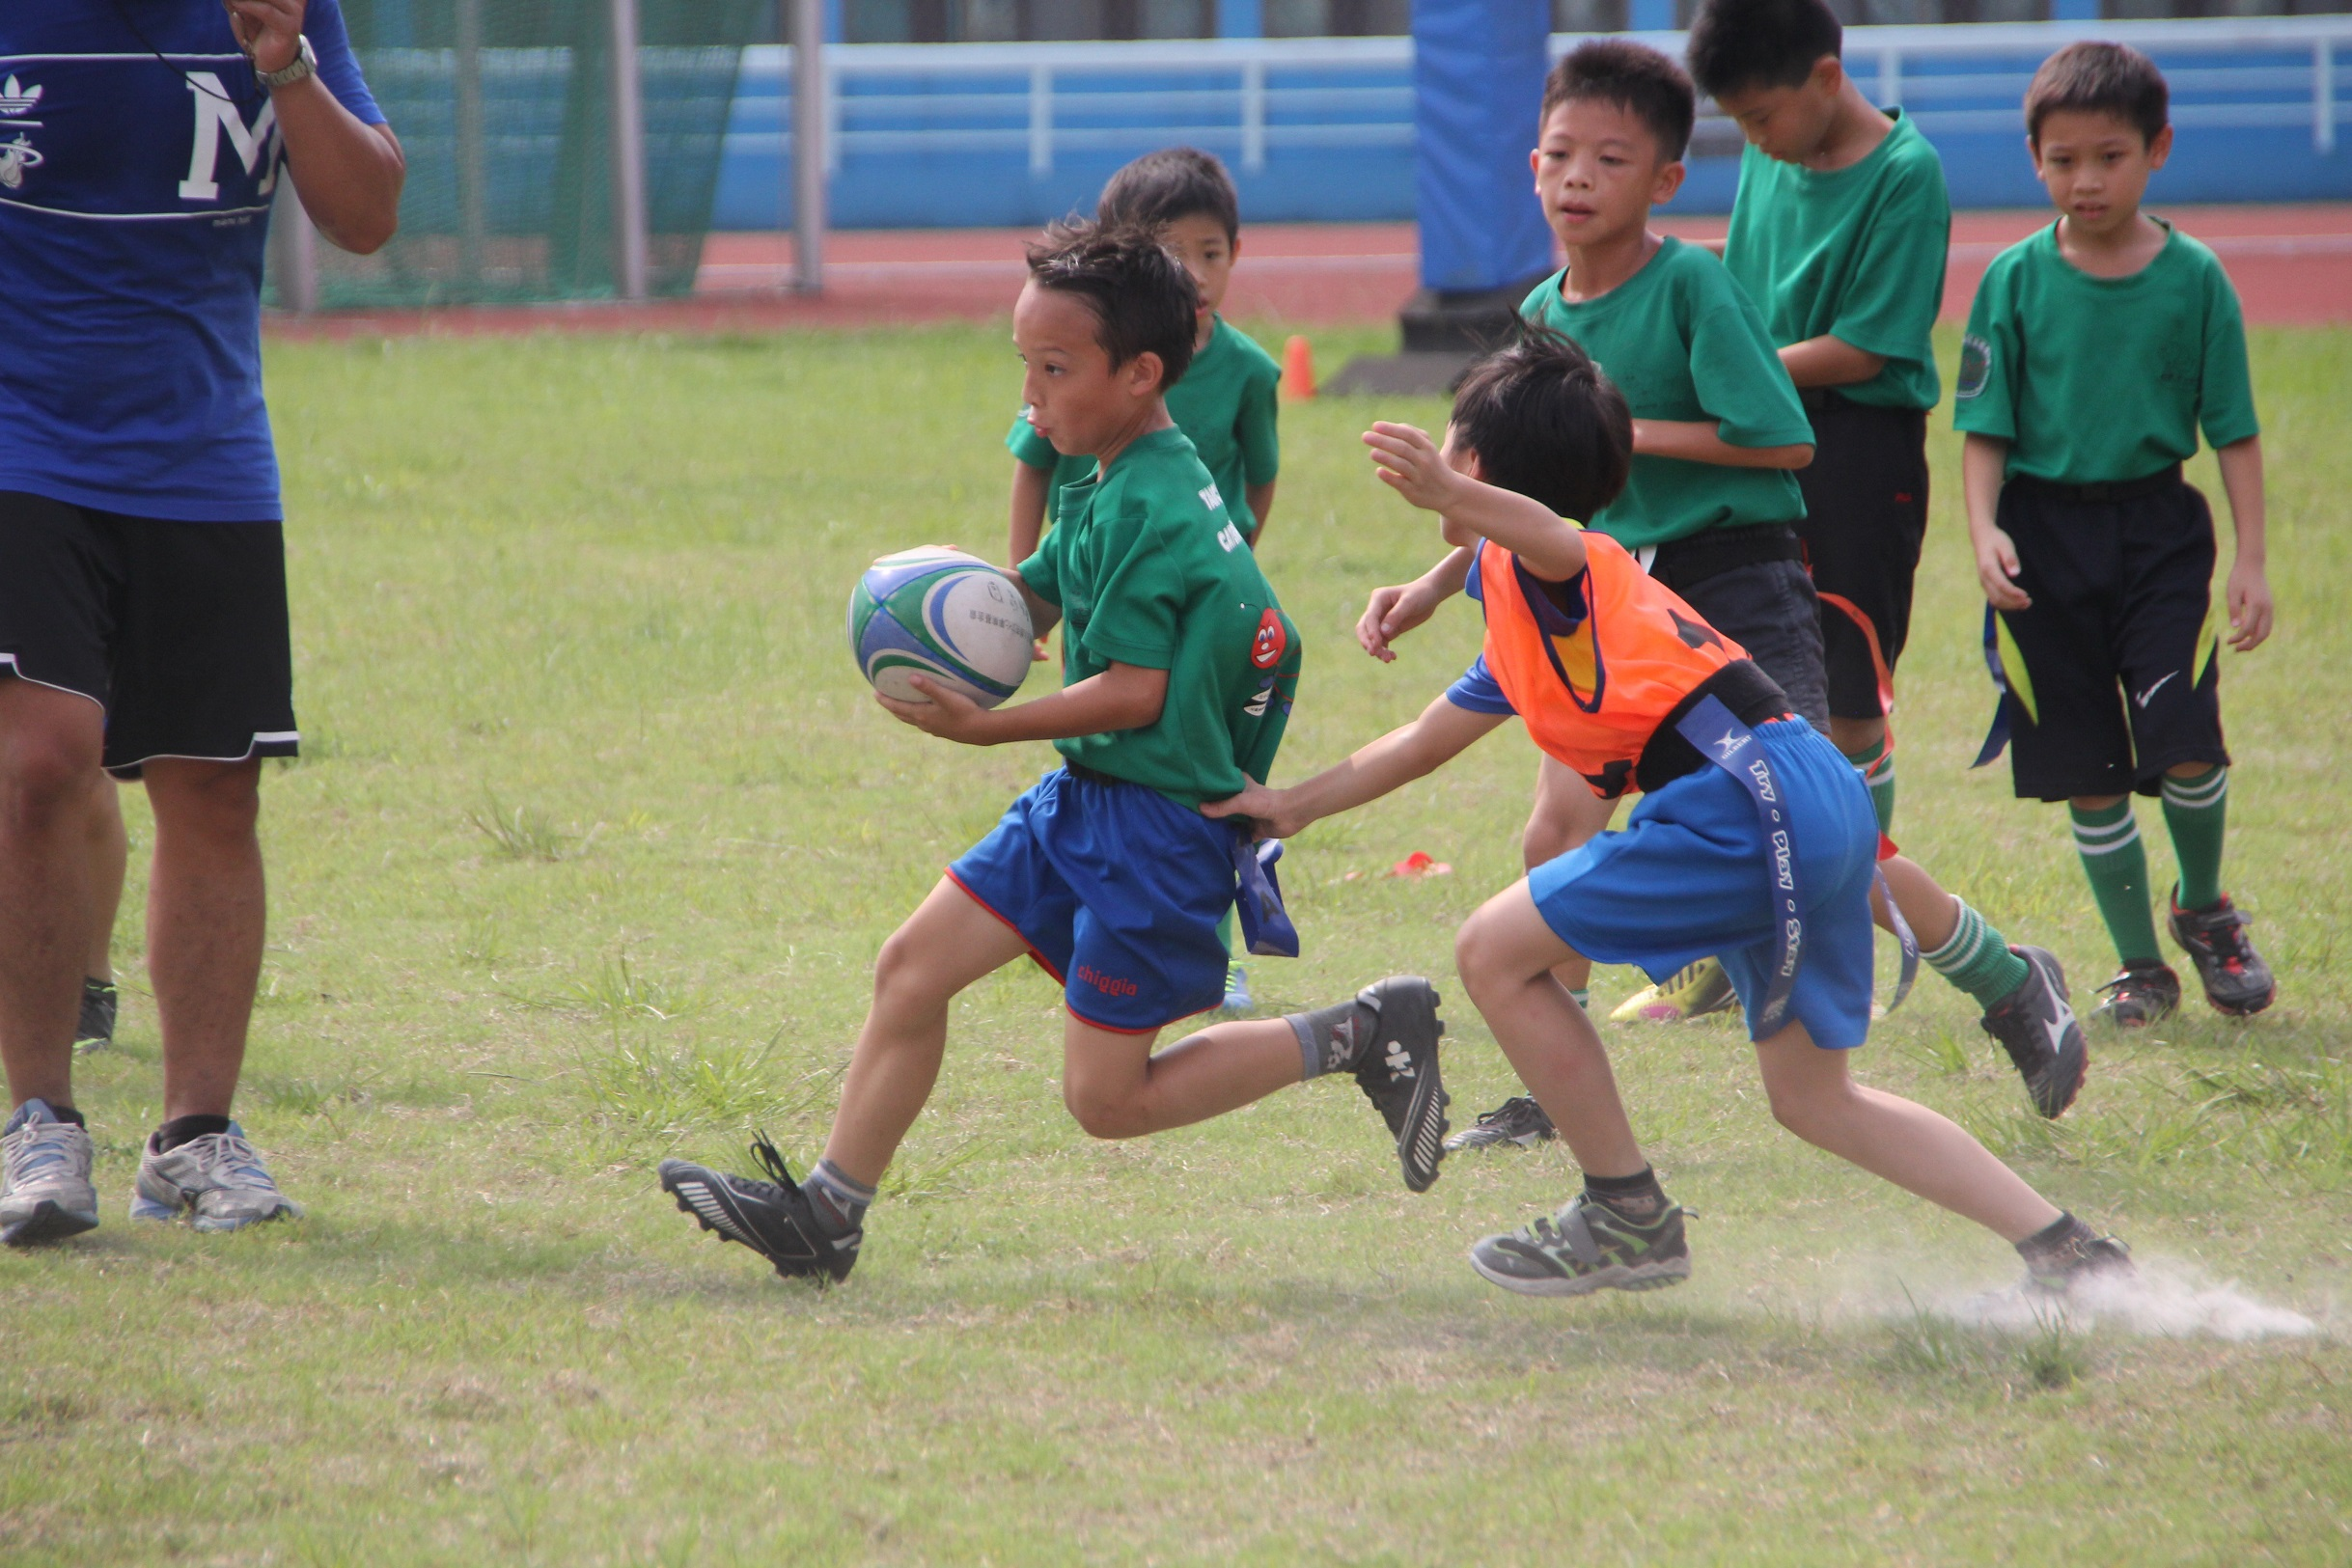 2015桃園國際十人制橄欖球邀請賽